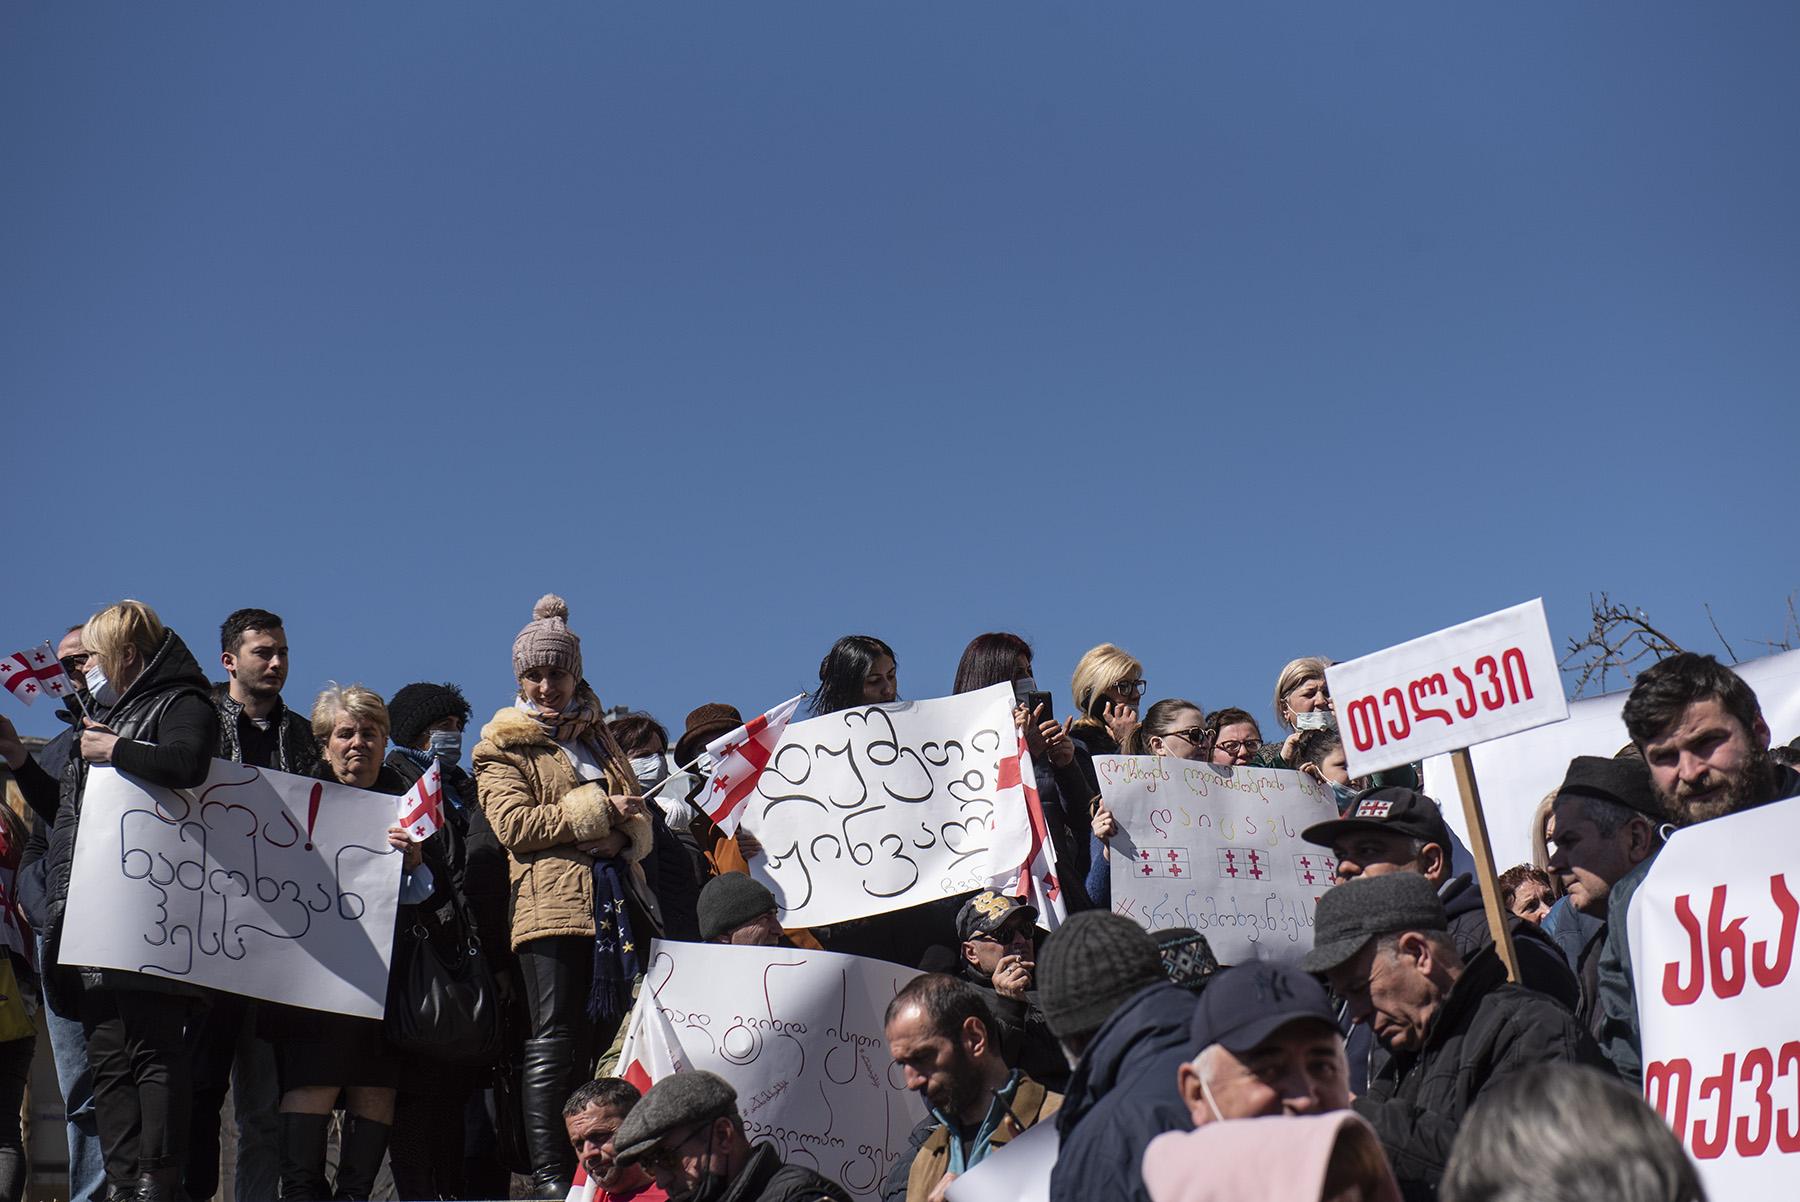 Протестующие приехали в Кутаиси из разных городов и поселений Грузии.  Фото: Мариам Никурадзе/OC Media